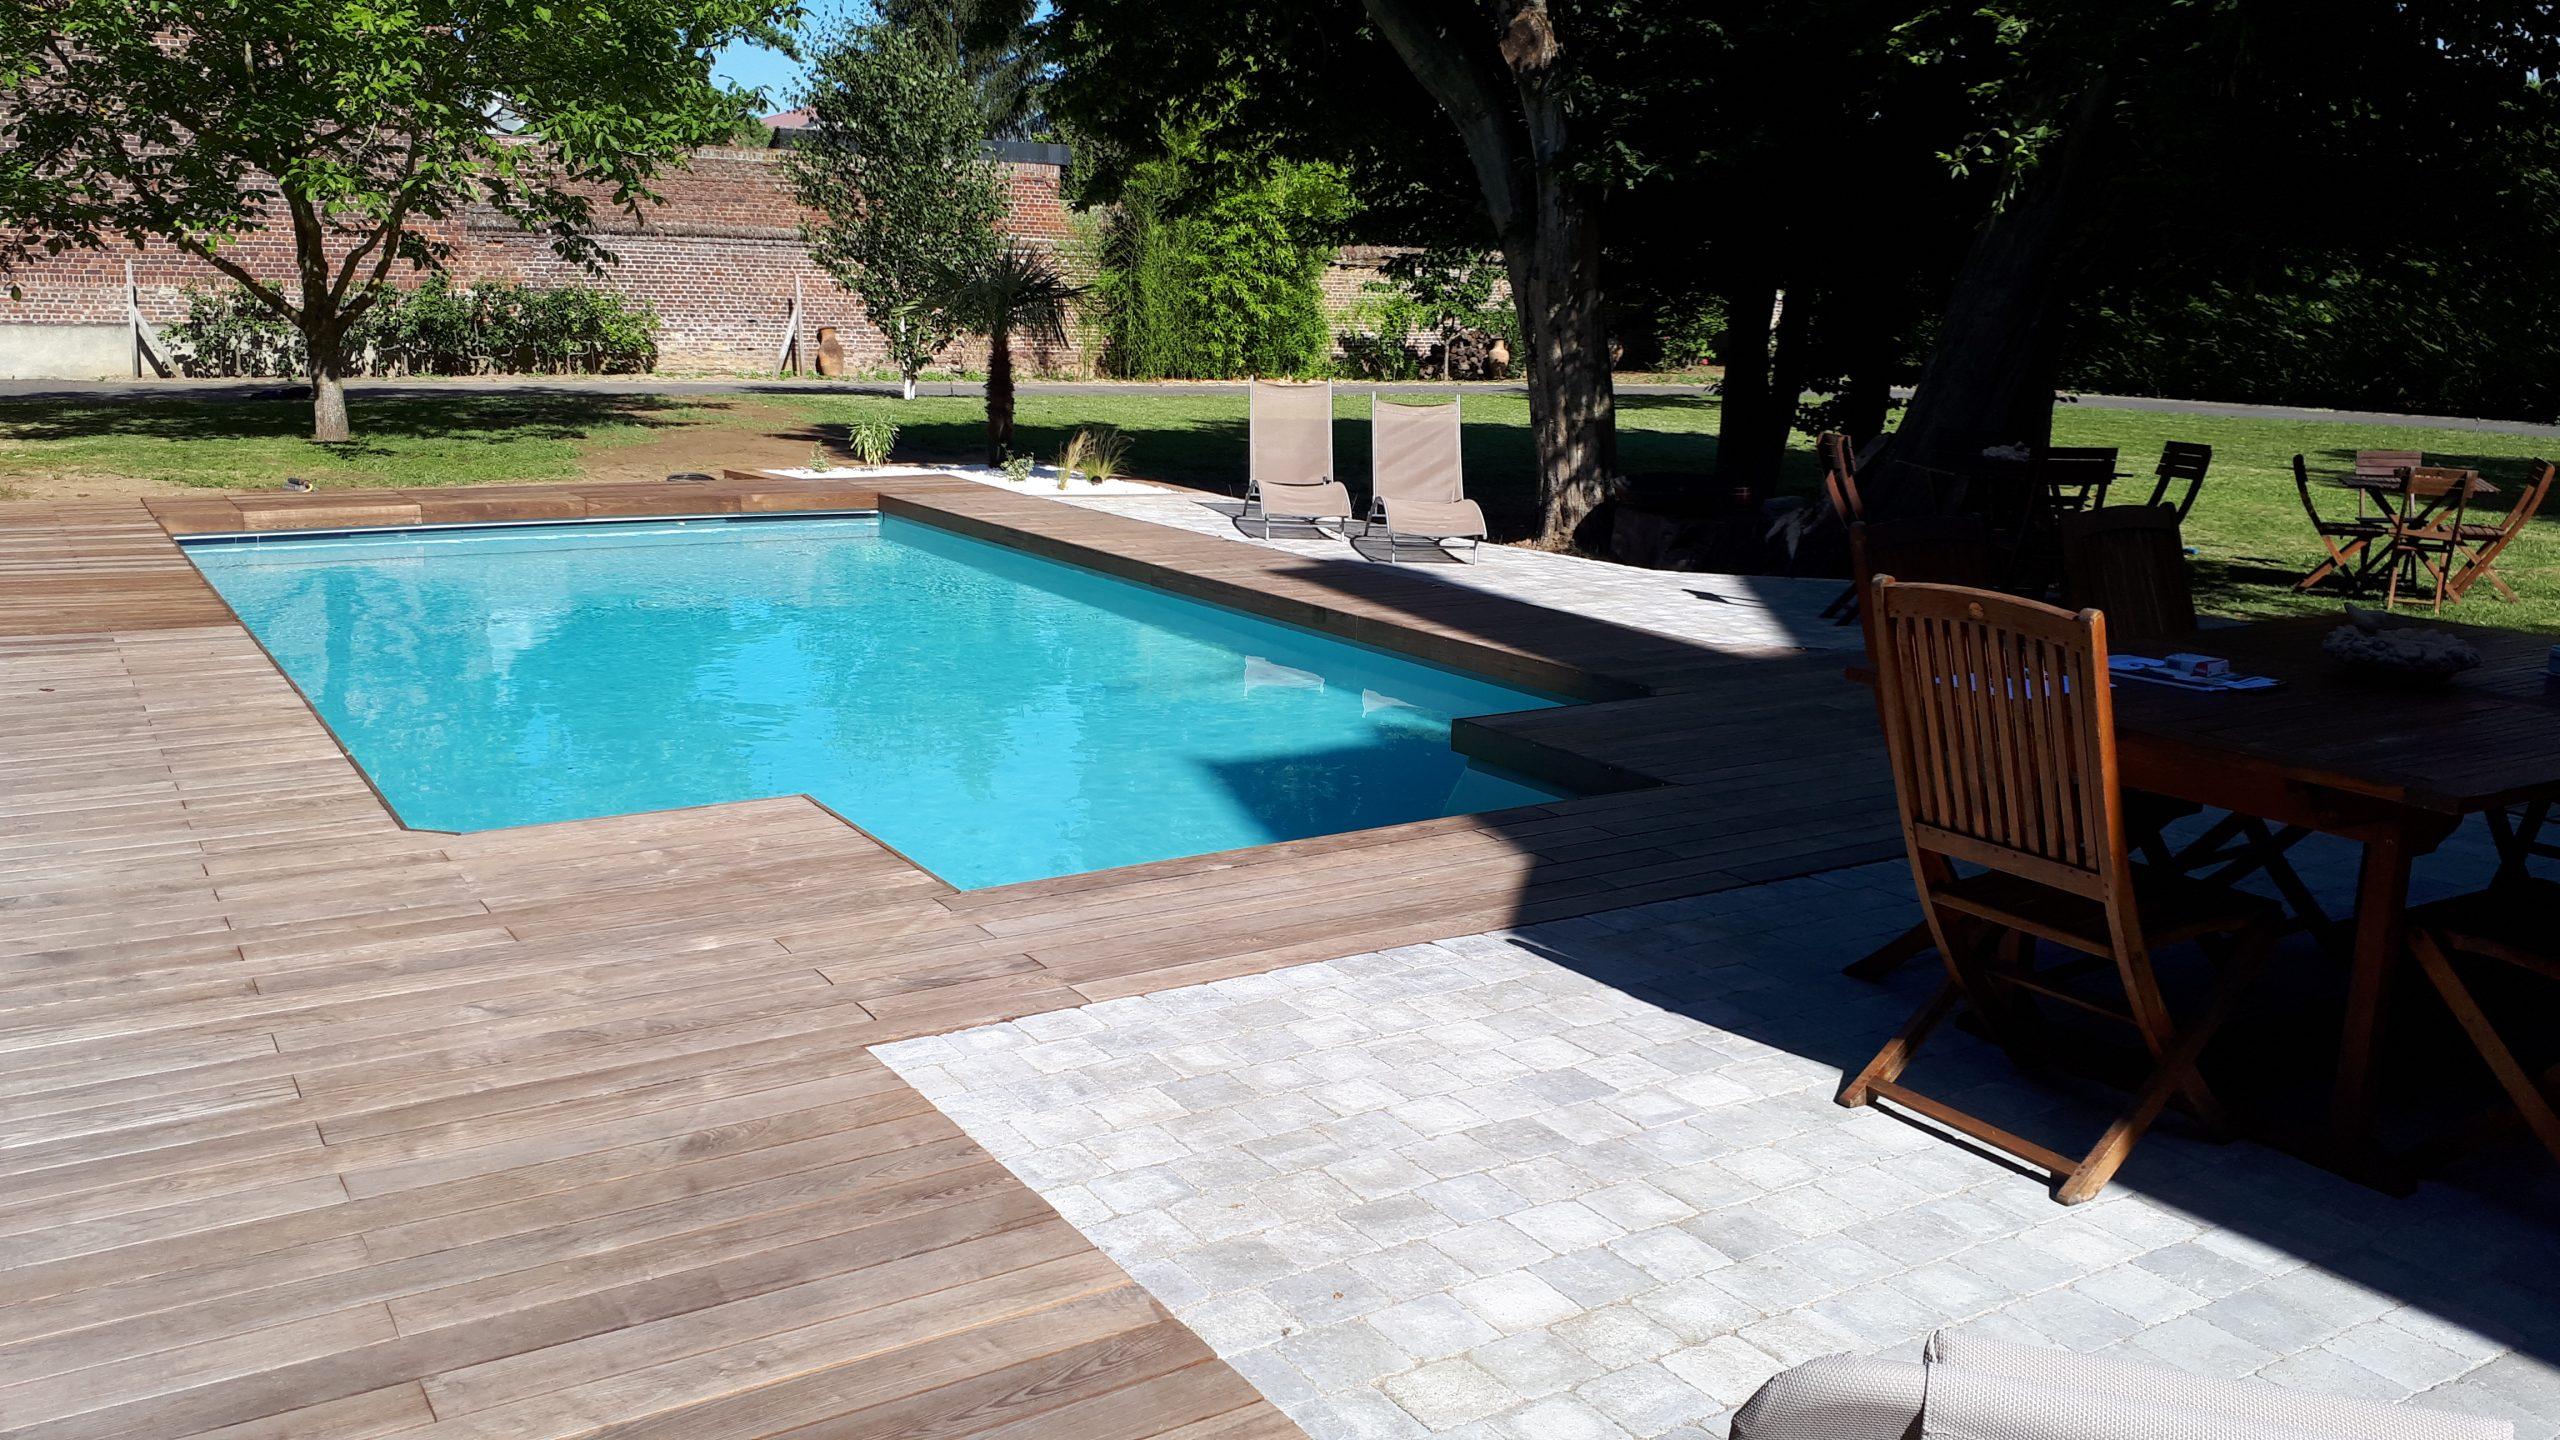 colver paysagiste créateur jardin oise noyon compiègne terrasse piscine bois naturelle